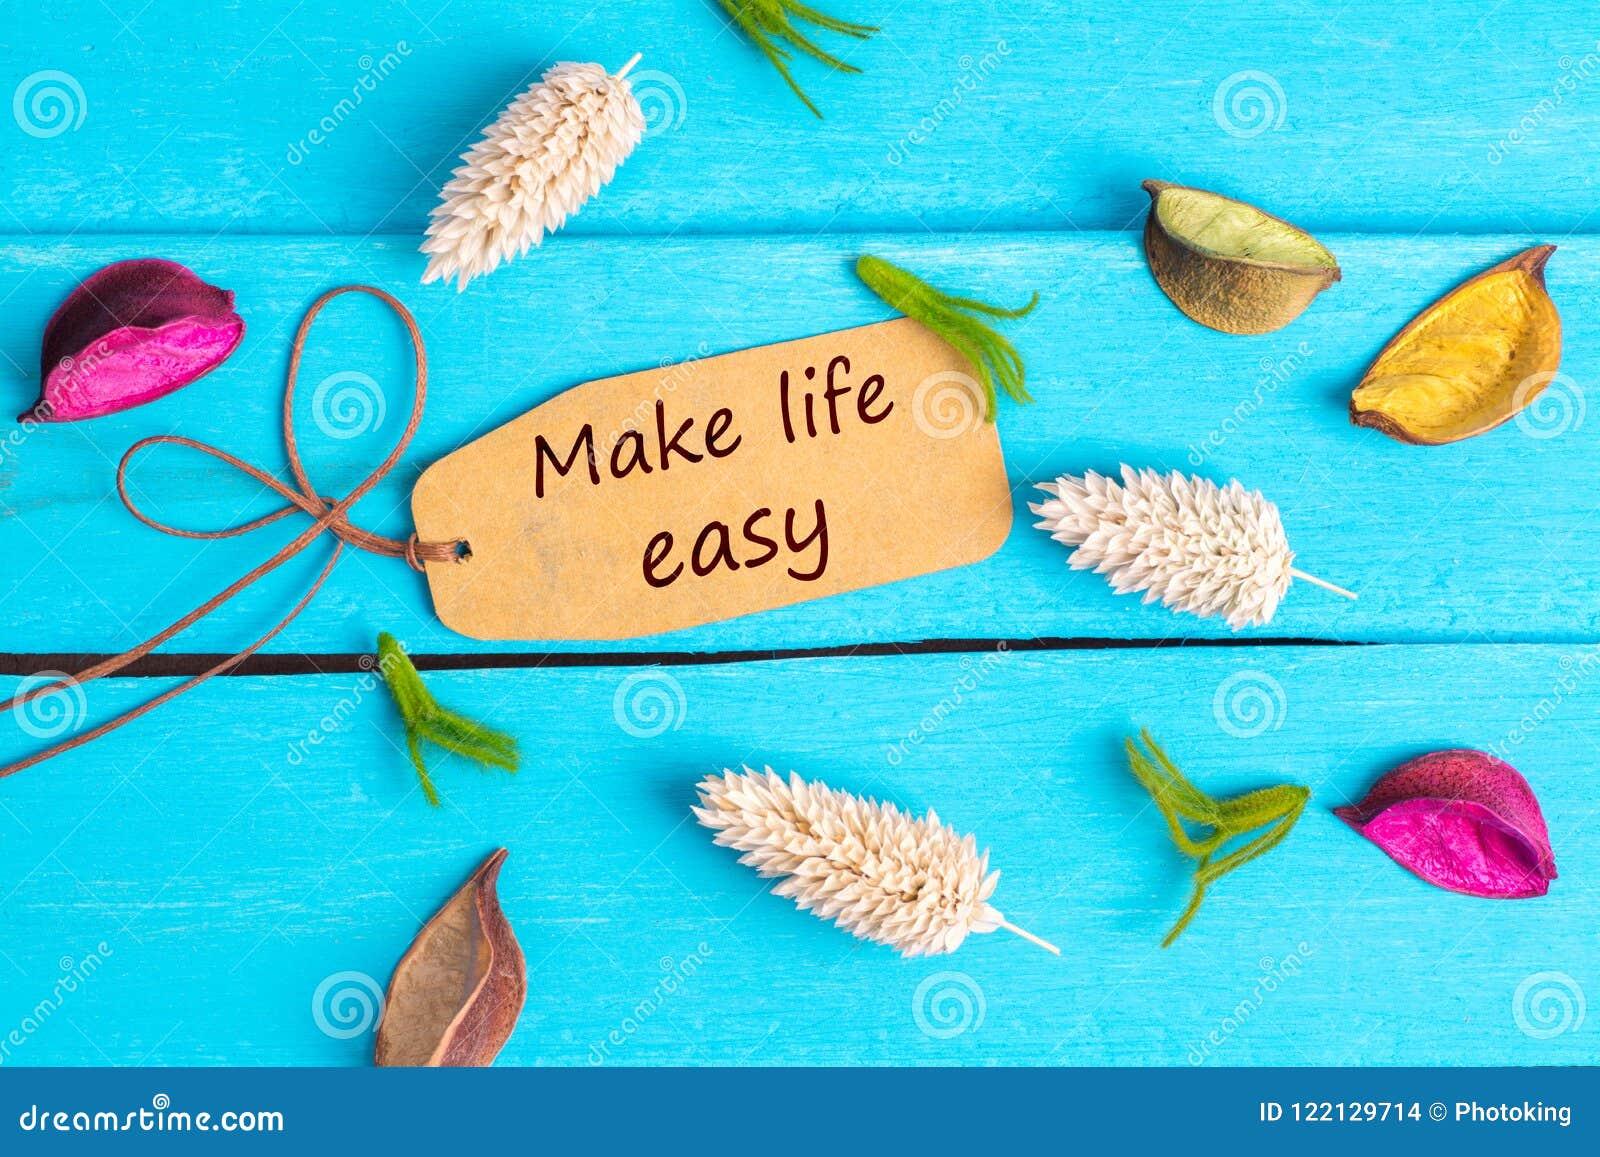 Maak tot het leven gemakkelijke tekst op document markering